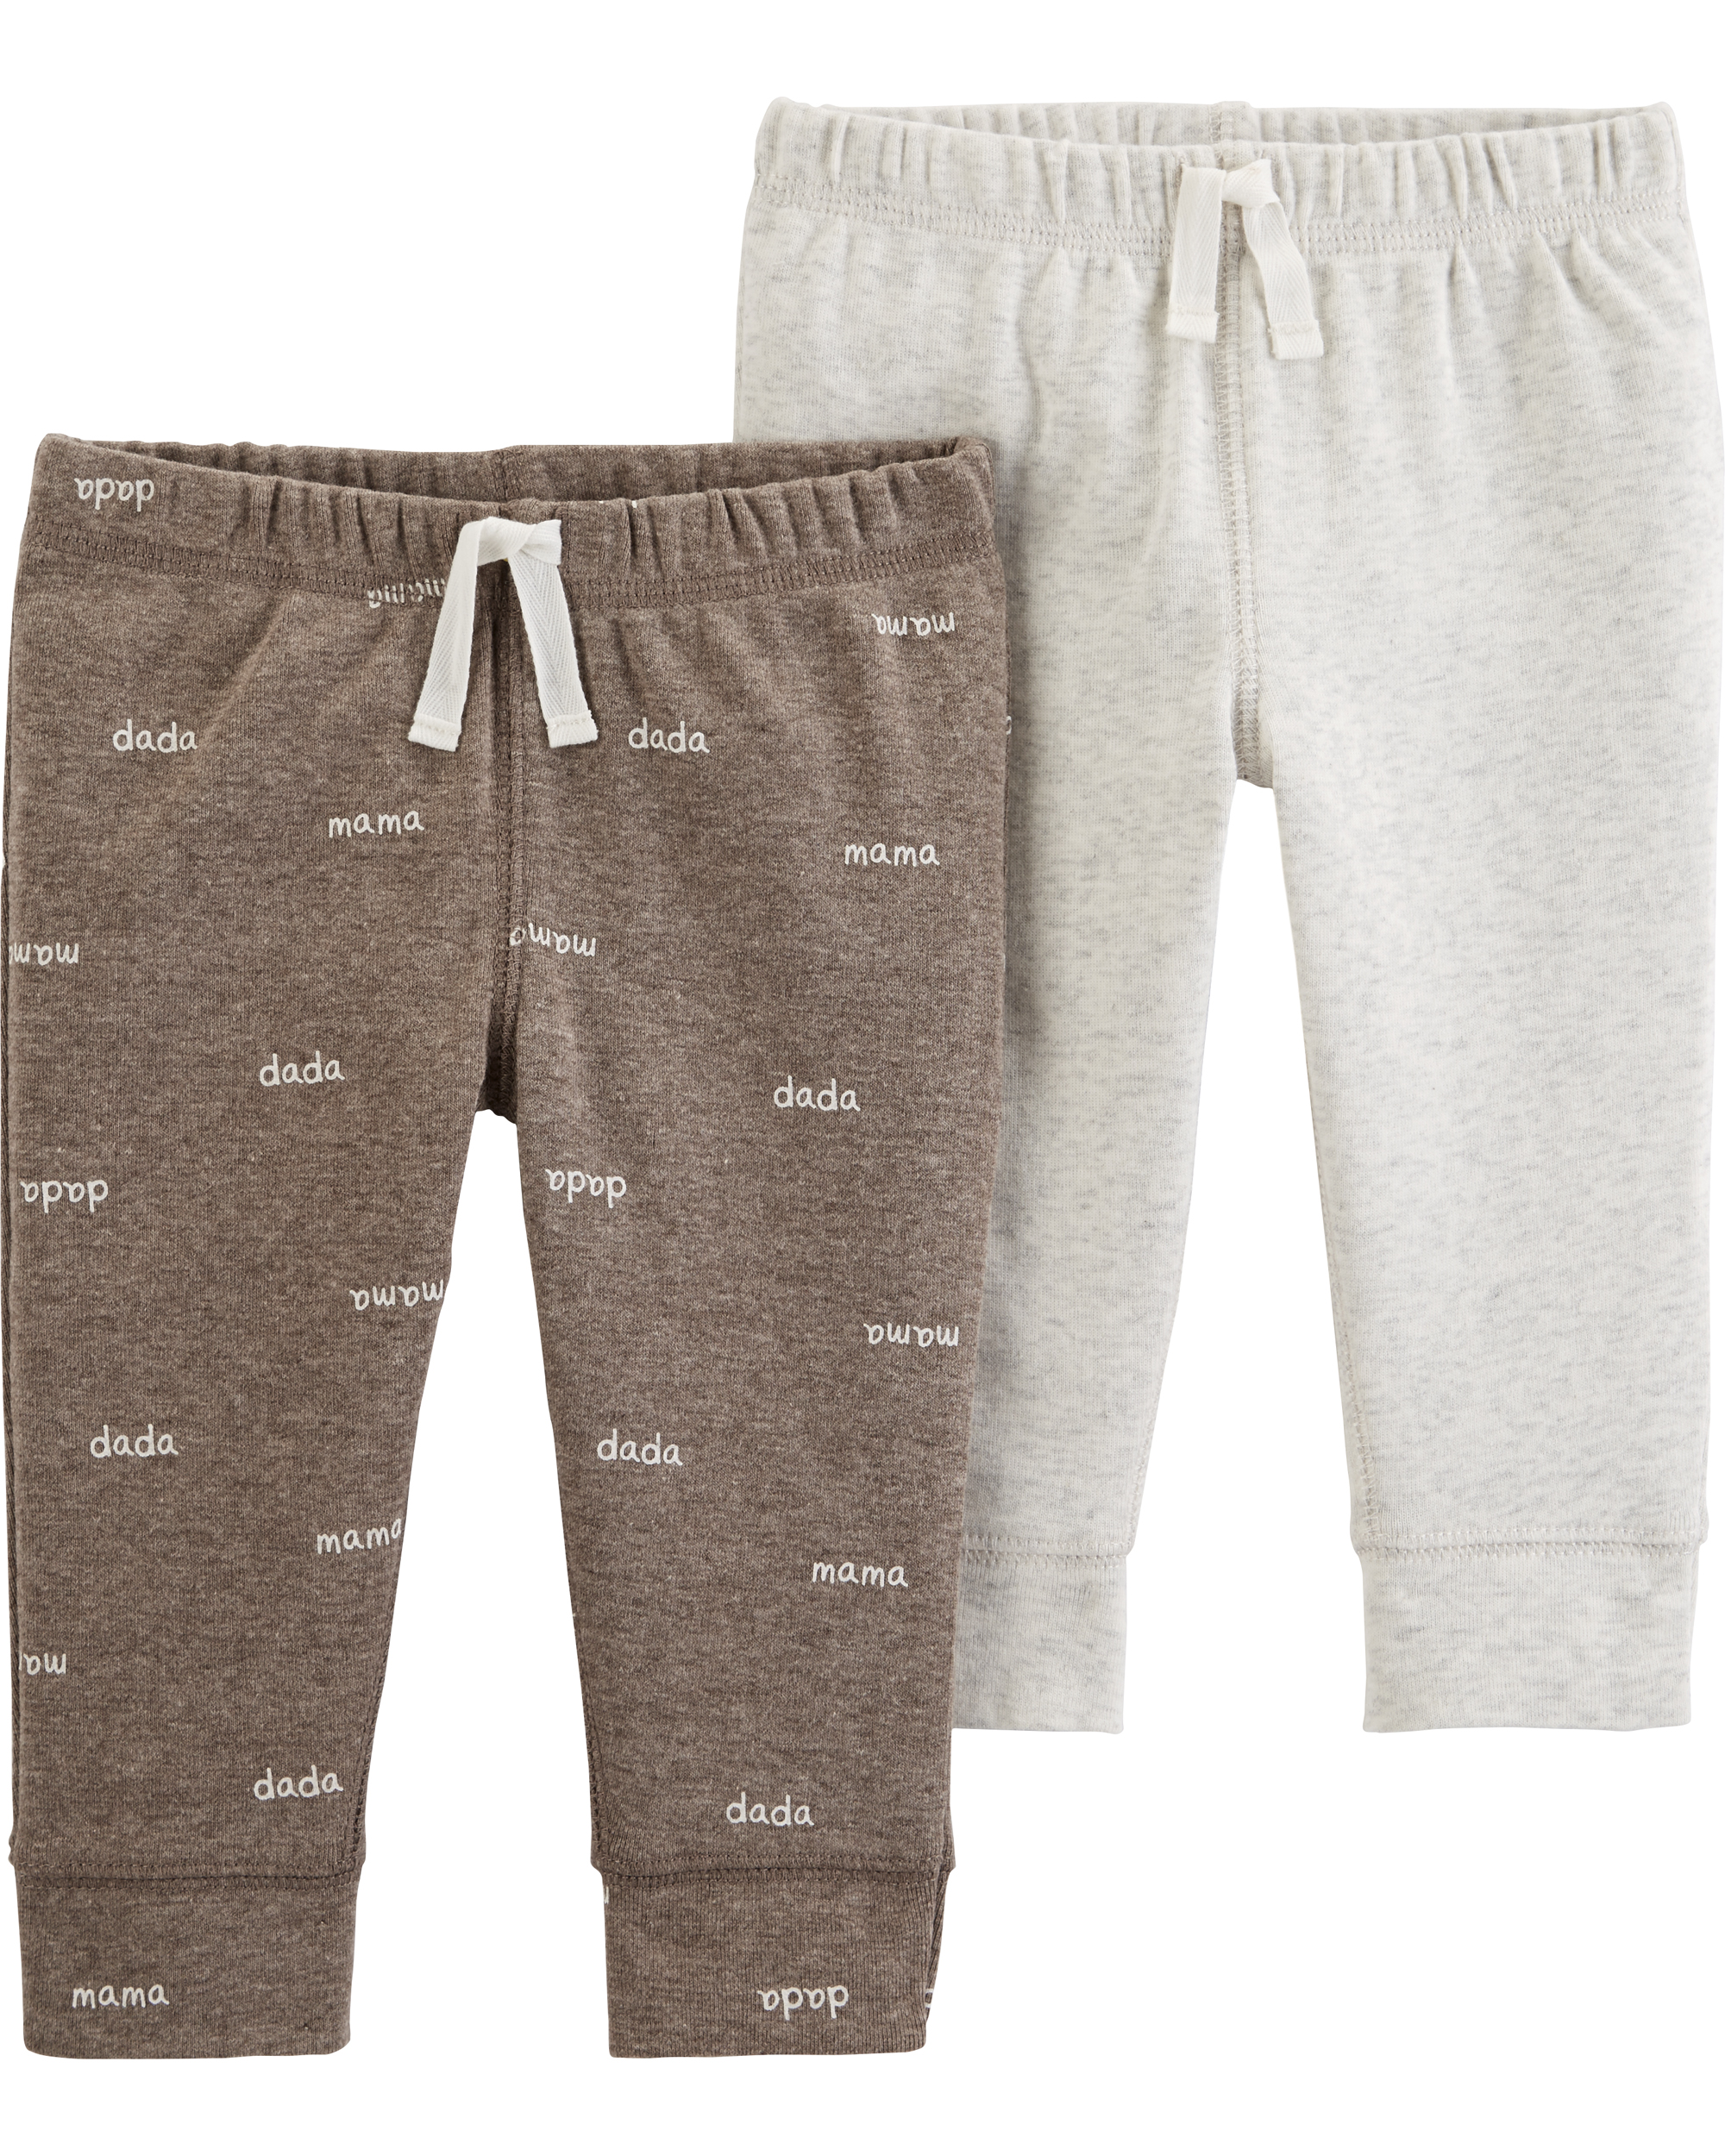 זוג מכנסיים חלק ומודפס